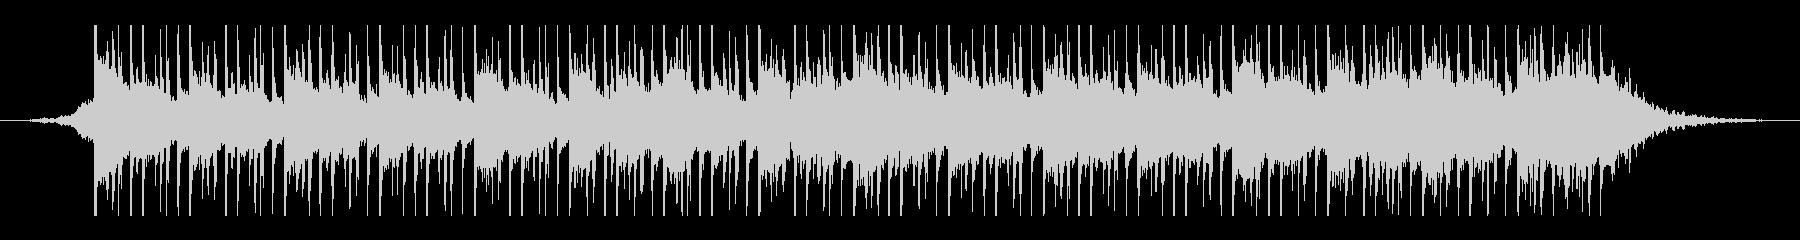 アラビア音楽(45秒)の未再生の波形